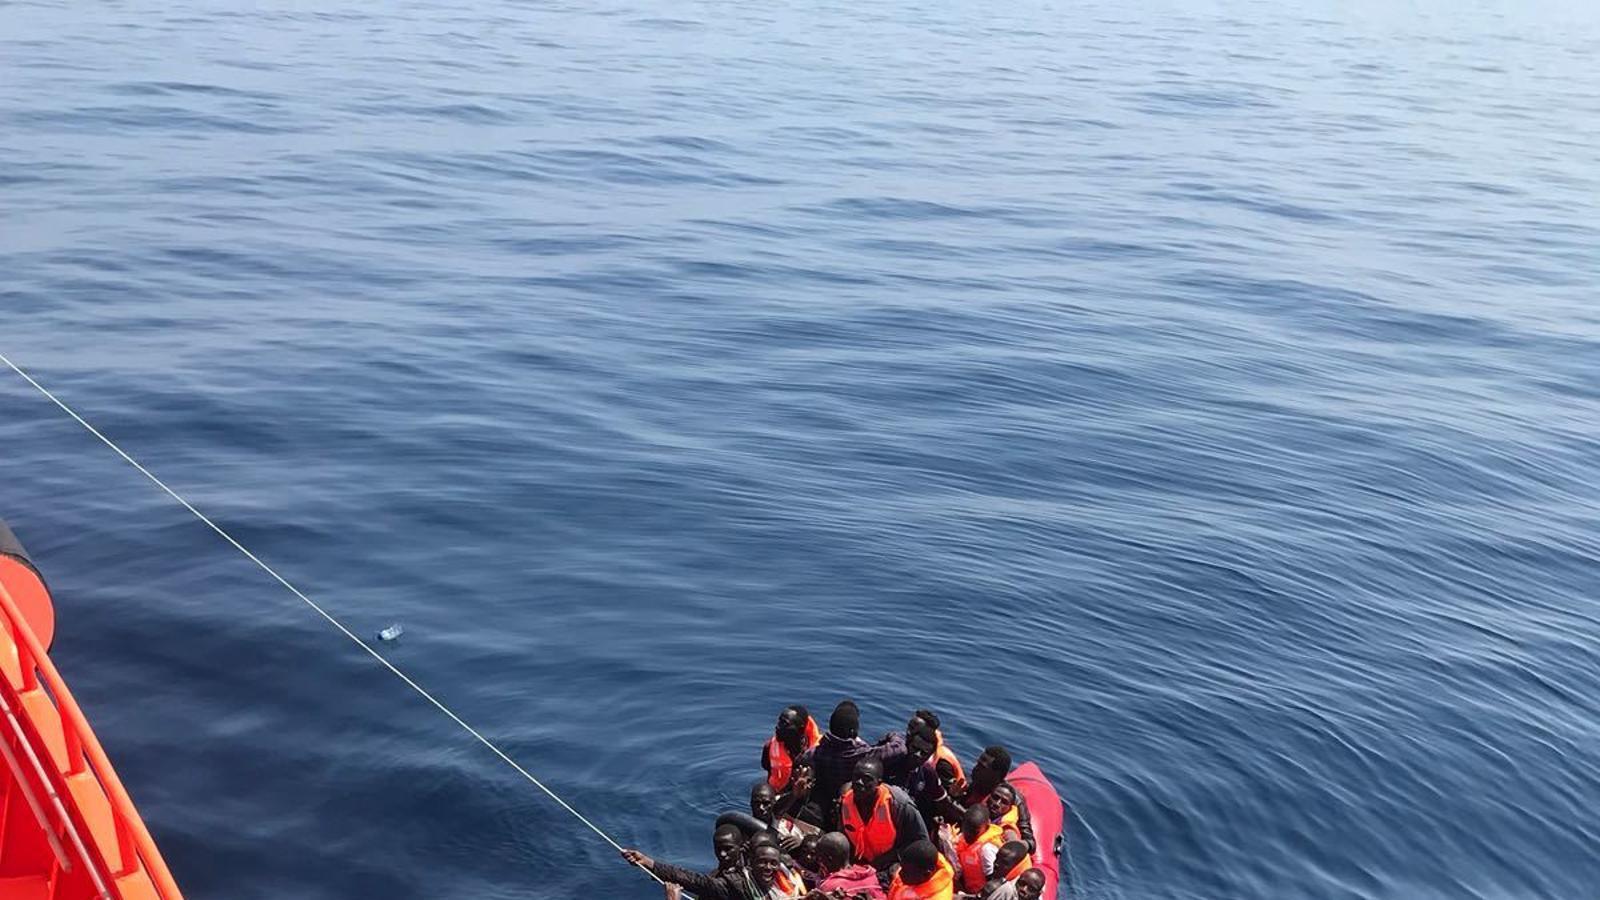 Més de 200 migrants rescatats a les costes andaluses